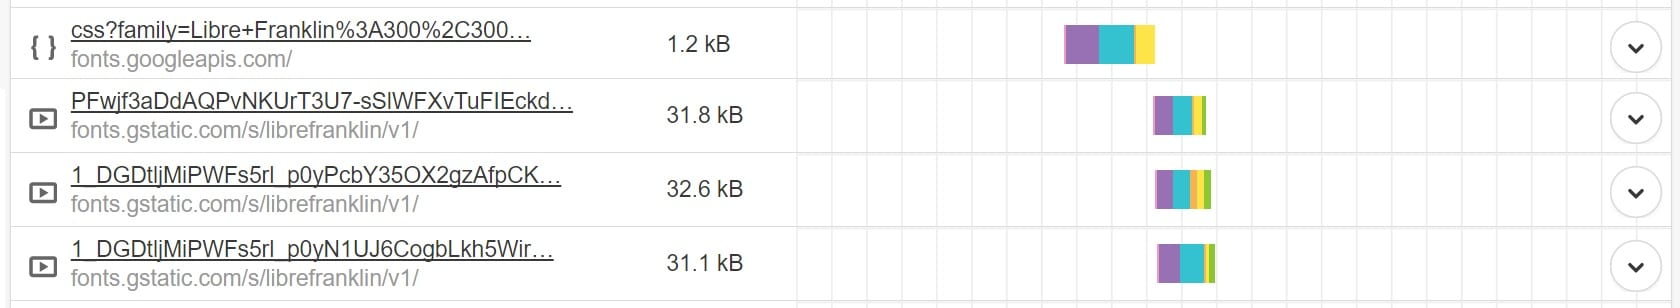 Pesquisa de DNS de fontes do Google